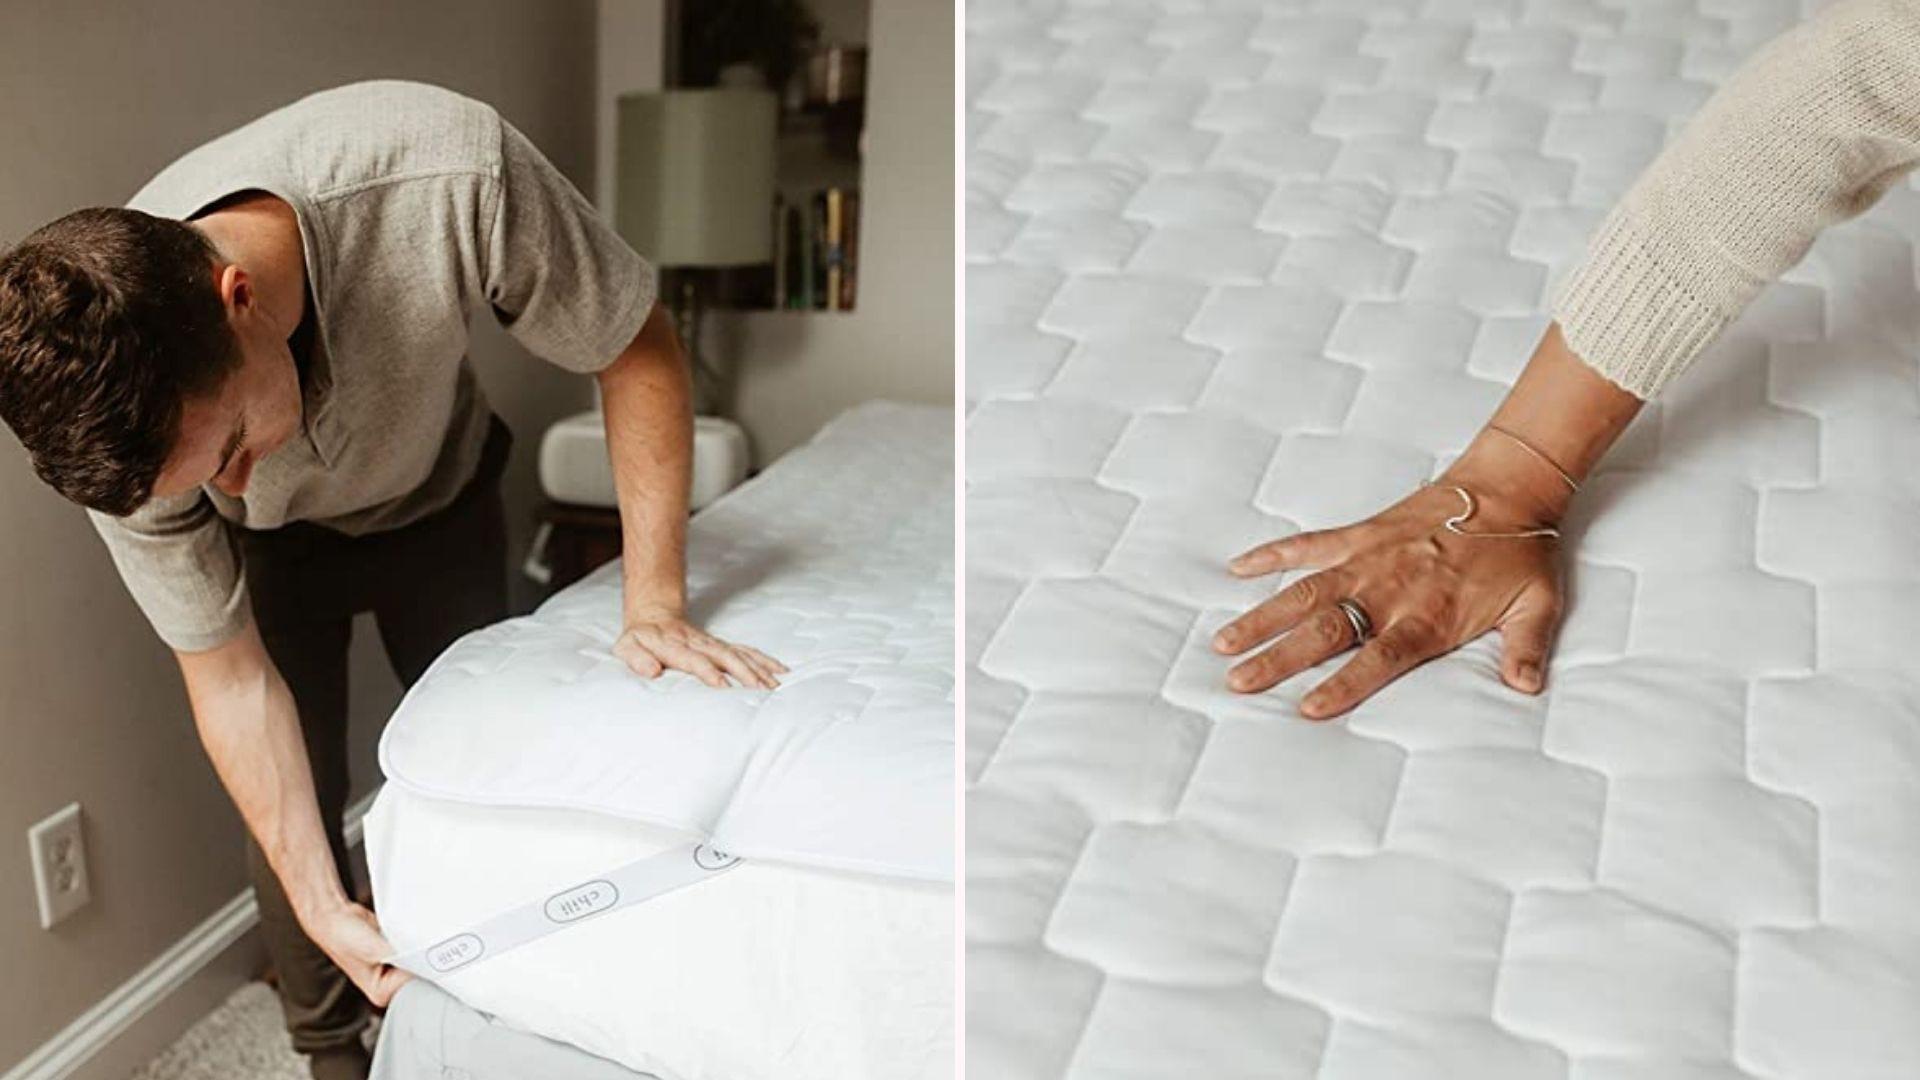 Слева мужчина кладет Chili Pad на кровать, а справа рука ощущает охлаждающий эффект наматрасника.